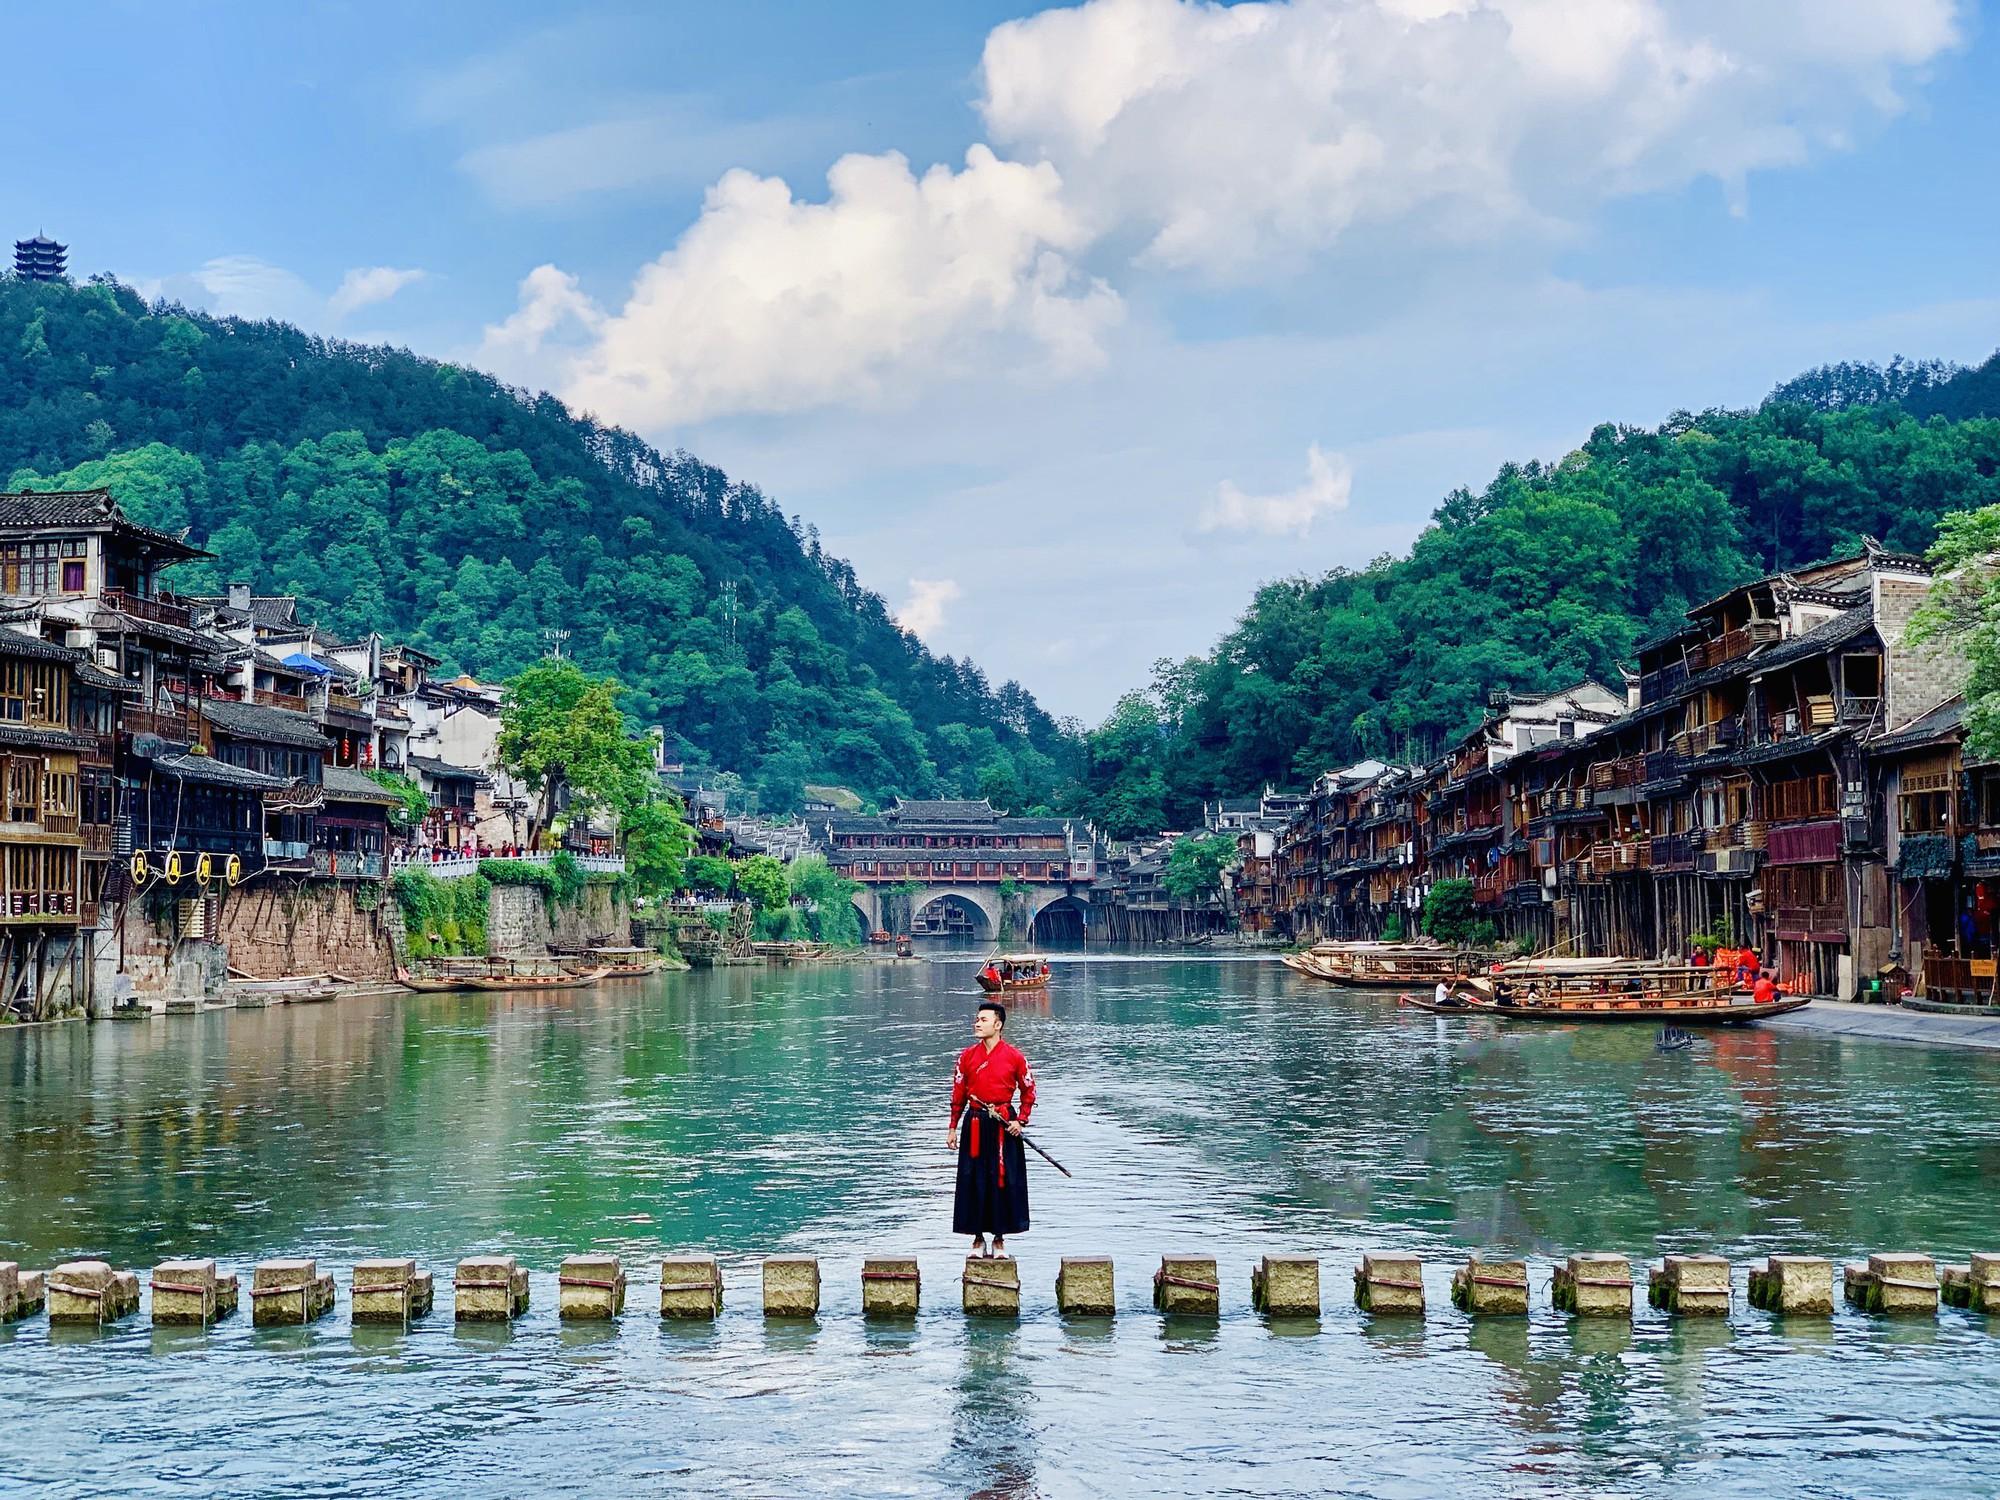 Những địa điểm du lịch tại châu Á đắt khách nhất dịp hè 2019 - Ảnh 3.